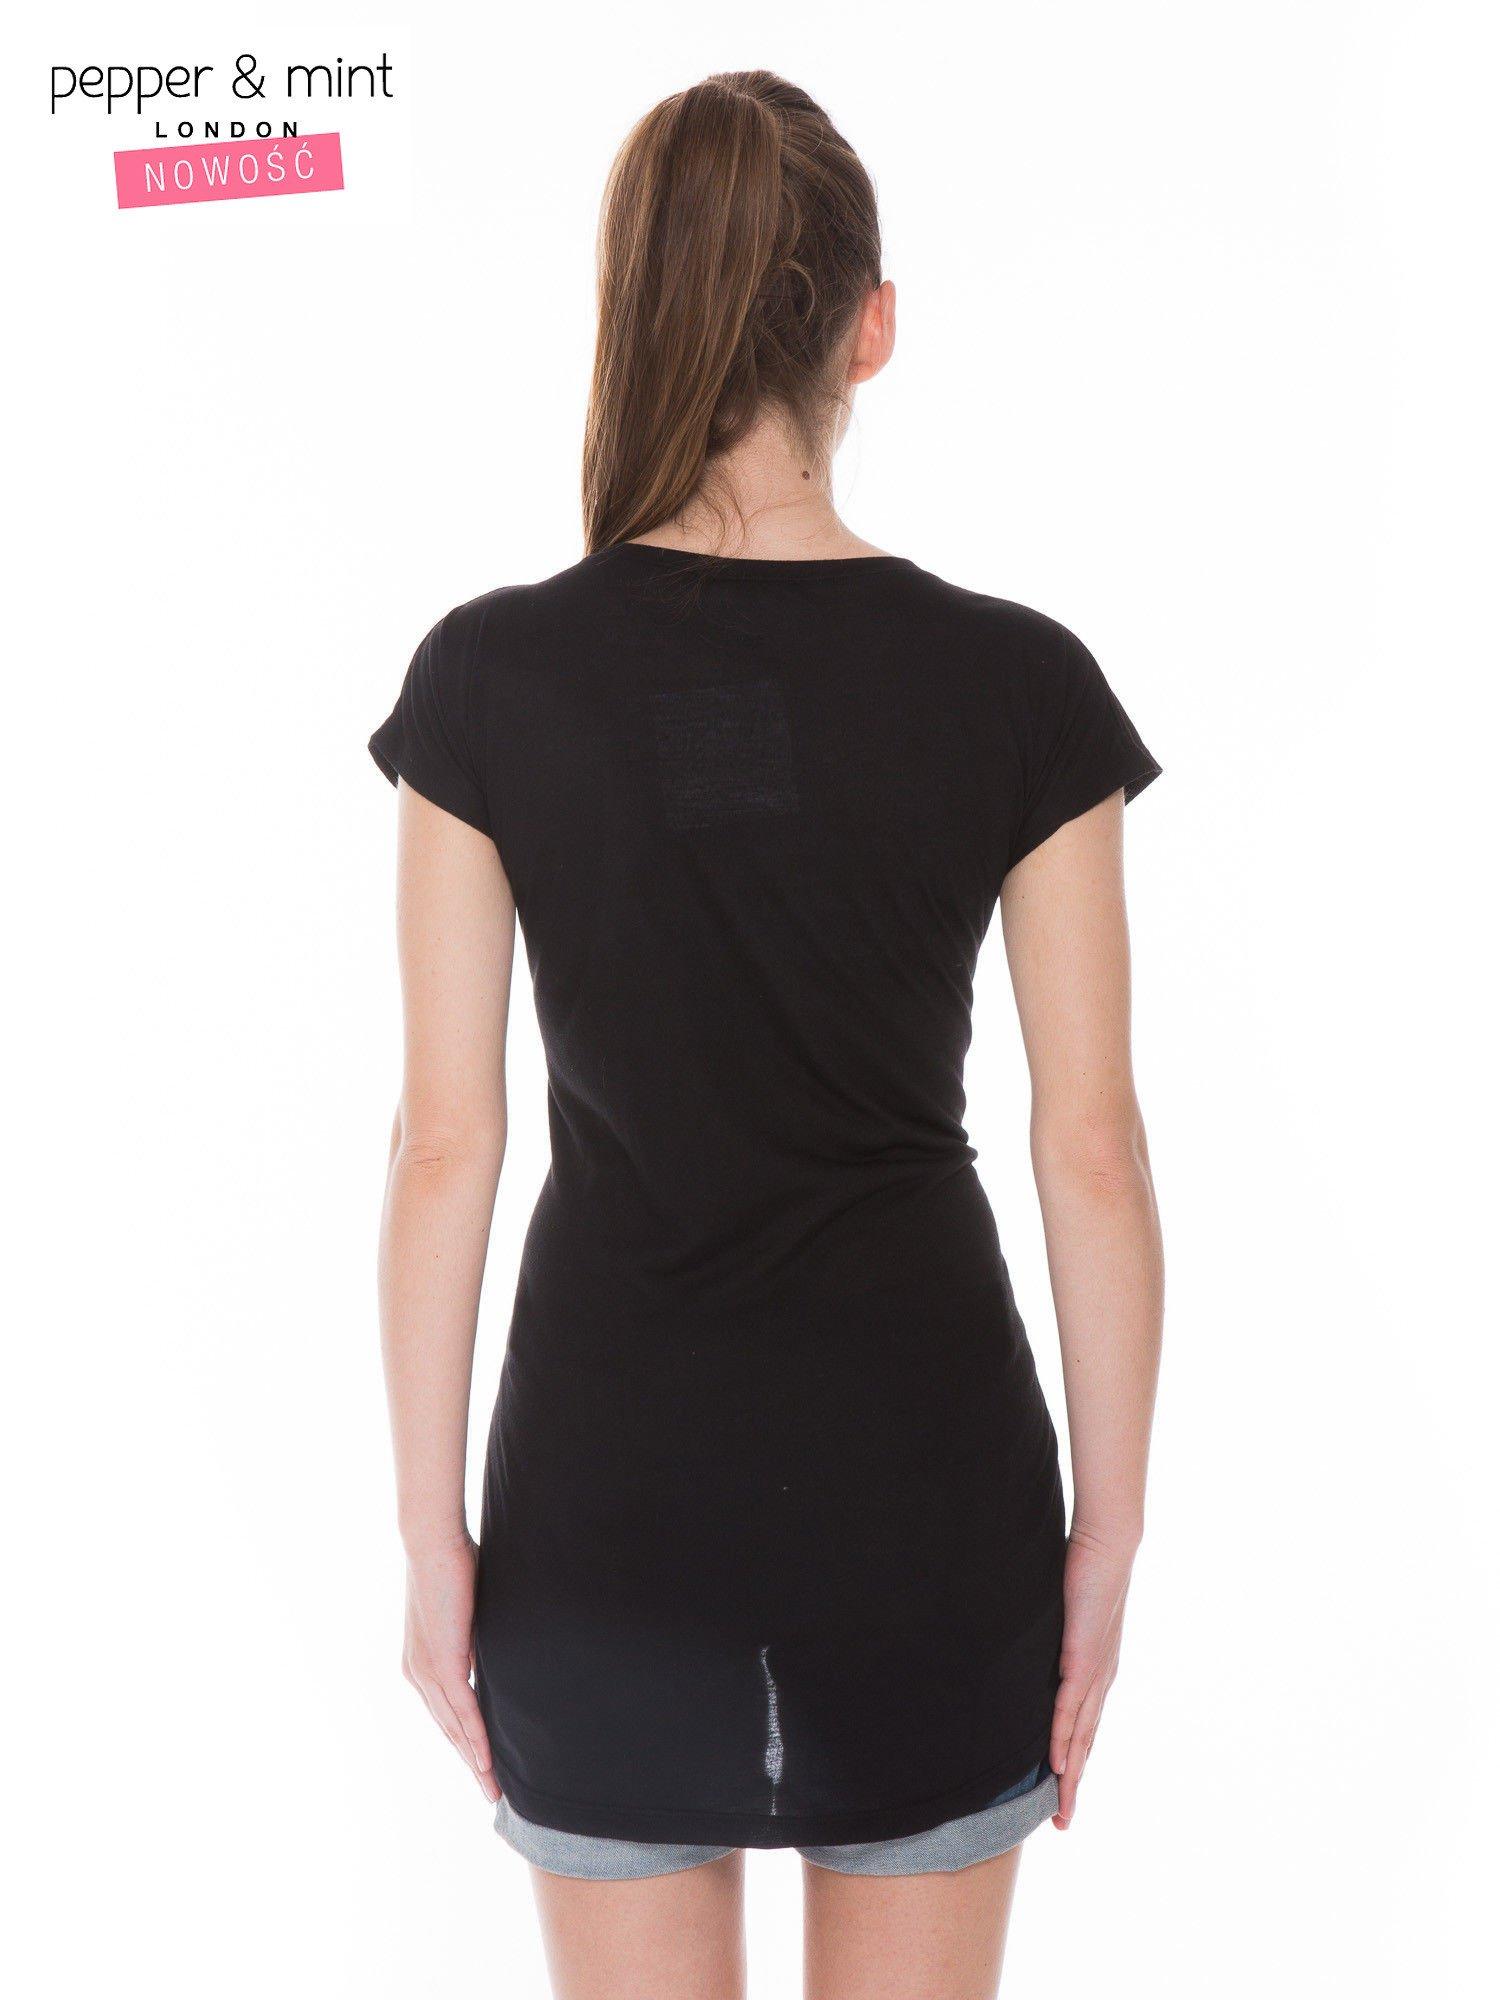 Czarny t-shirt z dużym nadrukiem tekstowym FAMOUS                                  zdj.                                  3